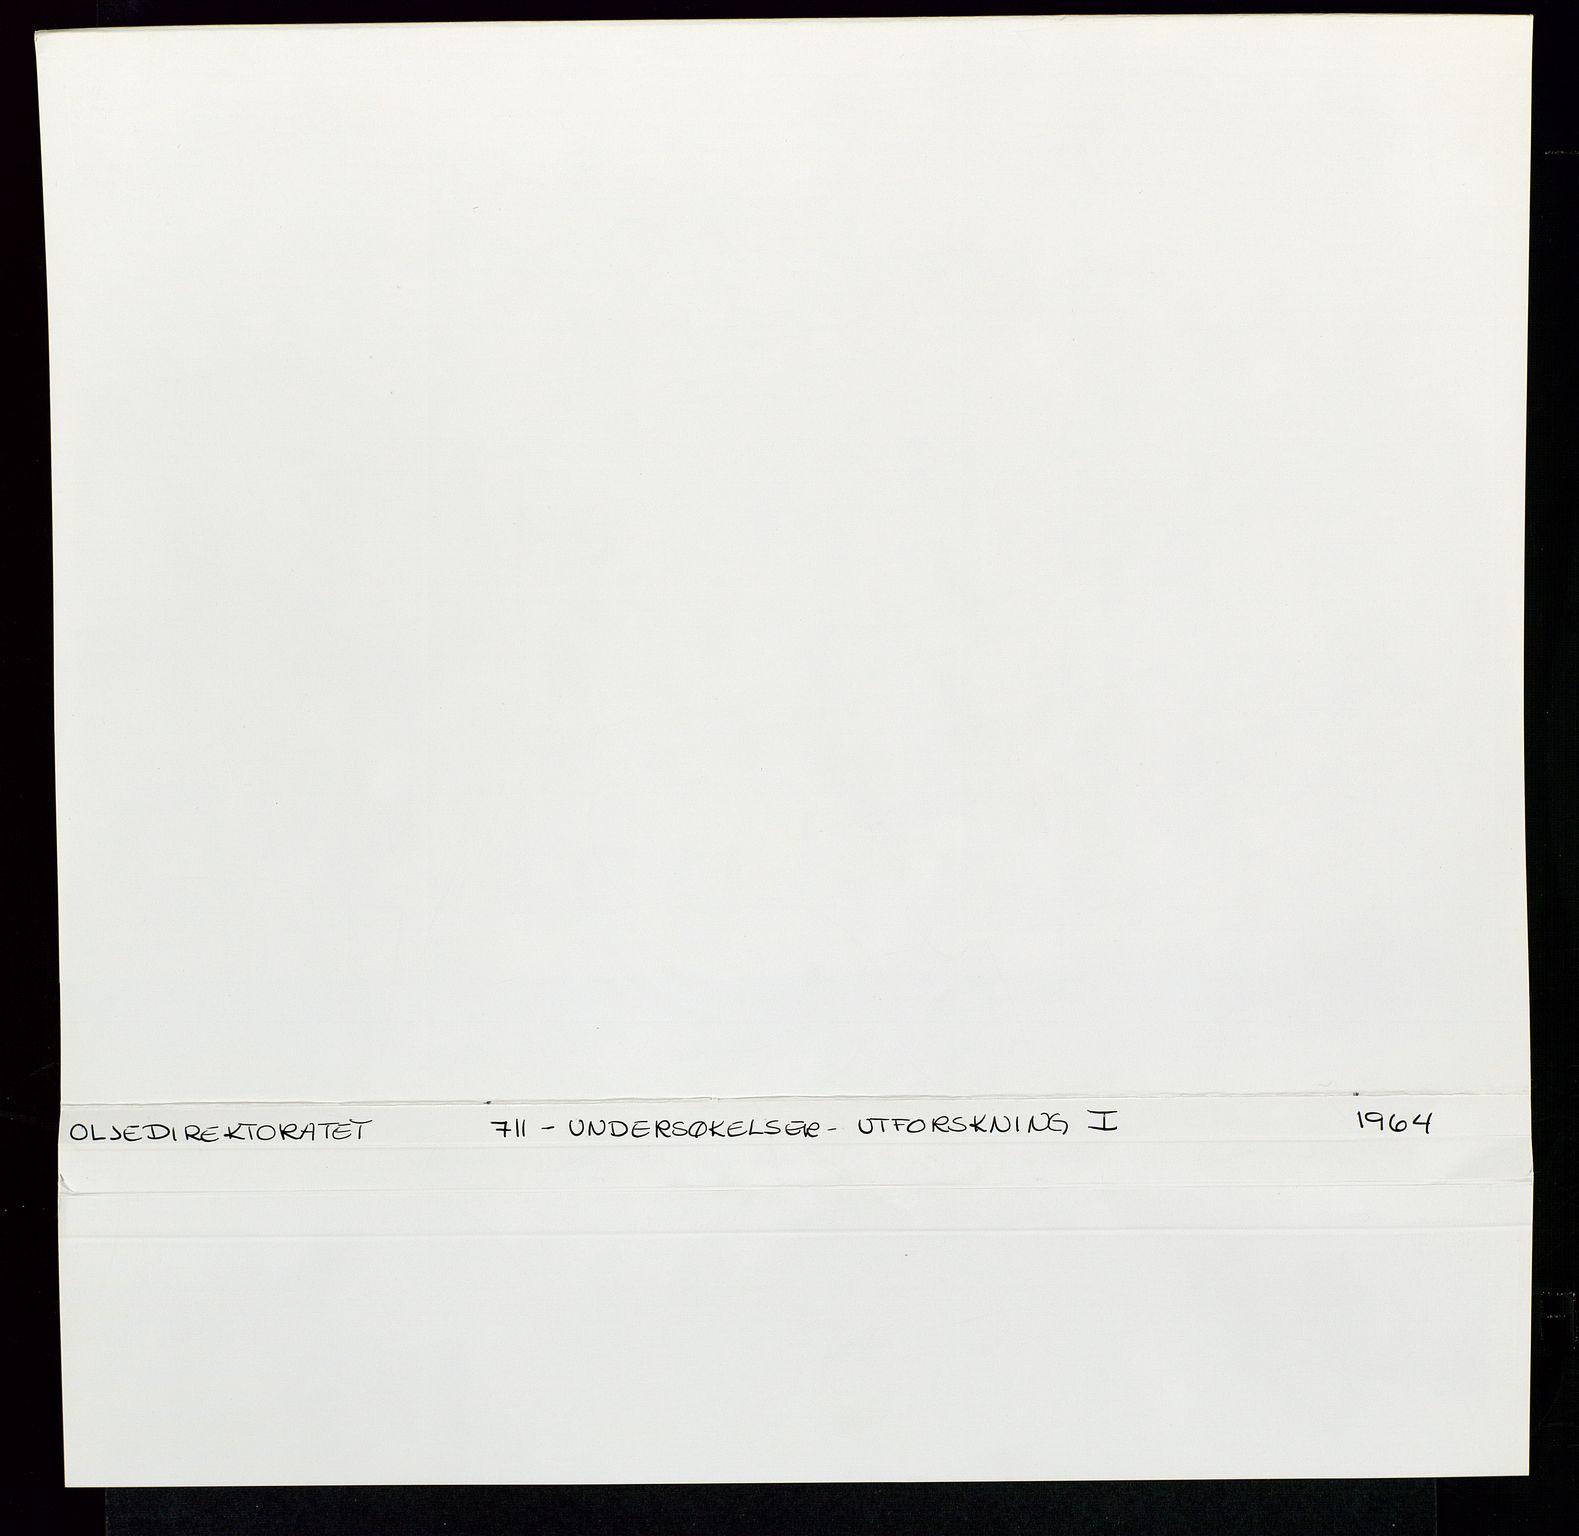 SAST, Industridepartementet, Oljekontoret, Da/L0003: Arkivnøkkel 711 Undersøkelser og utforskning, 1963-1971, s. 35